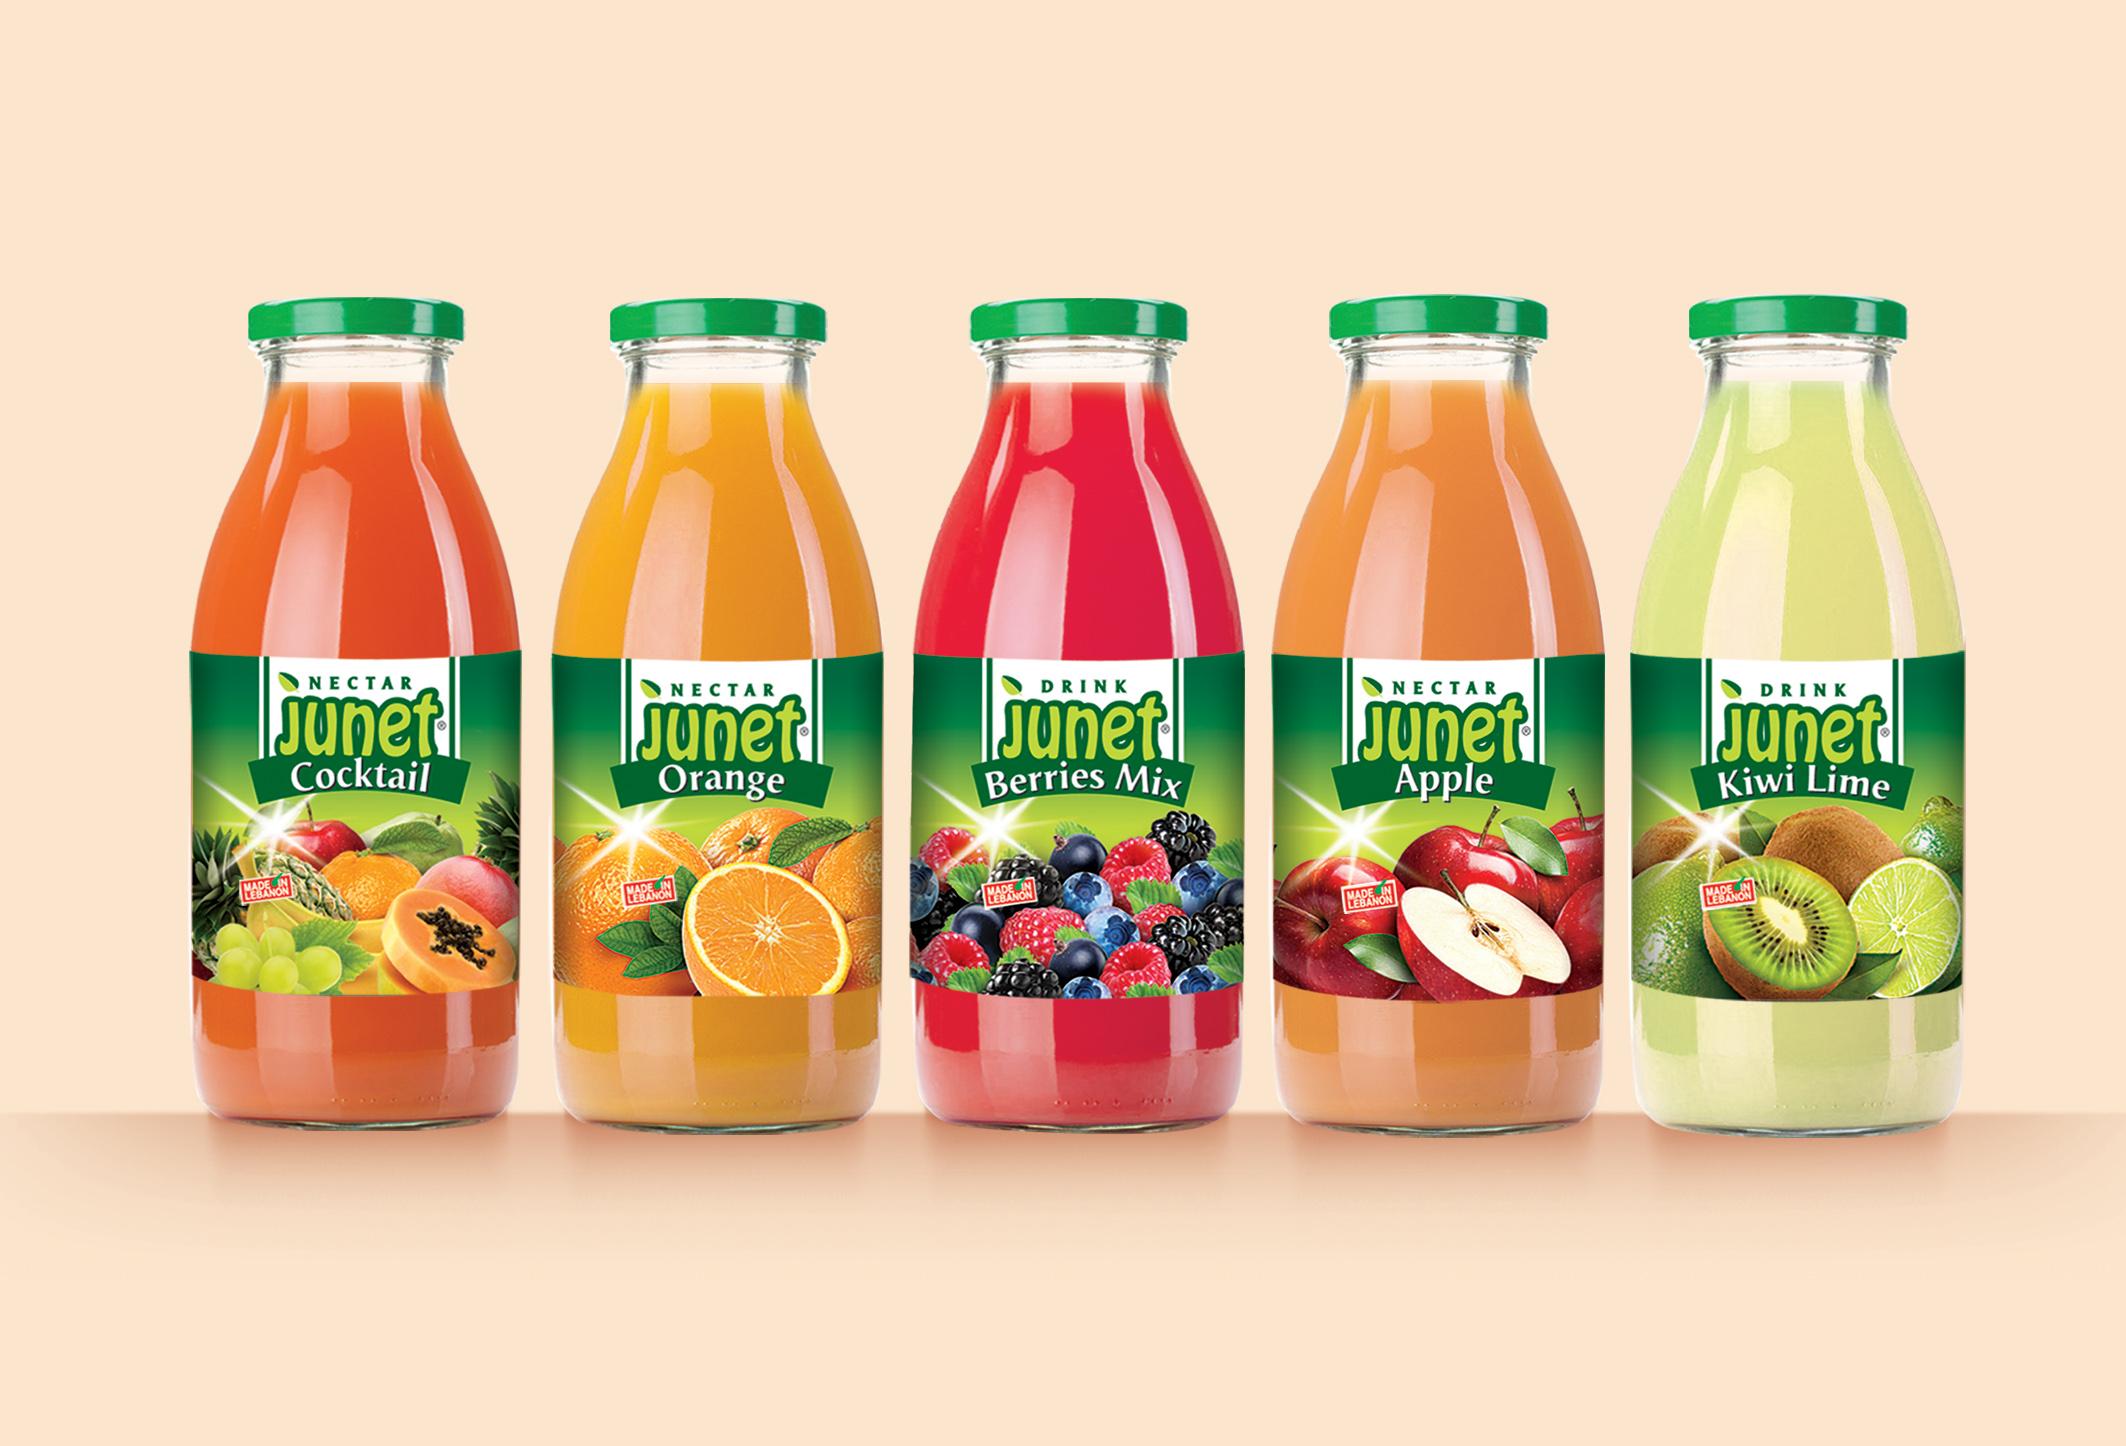 junet2